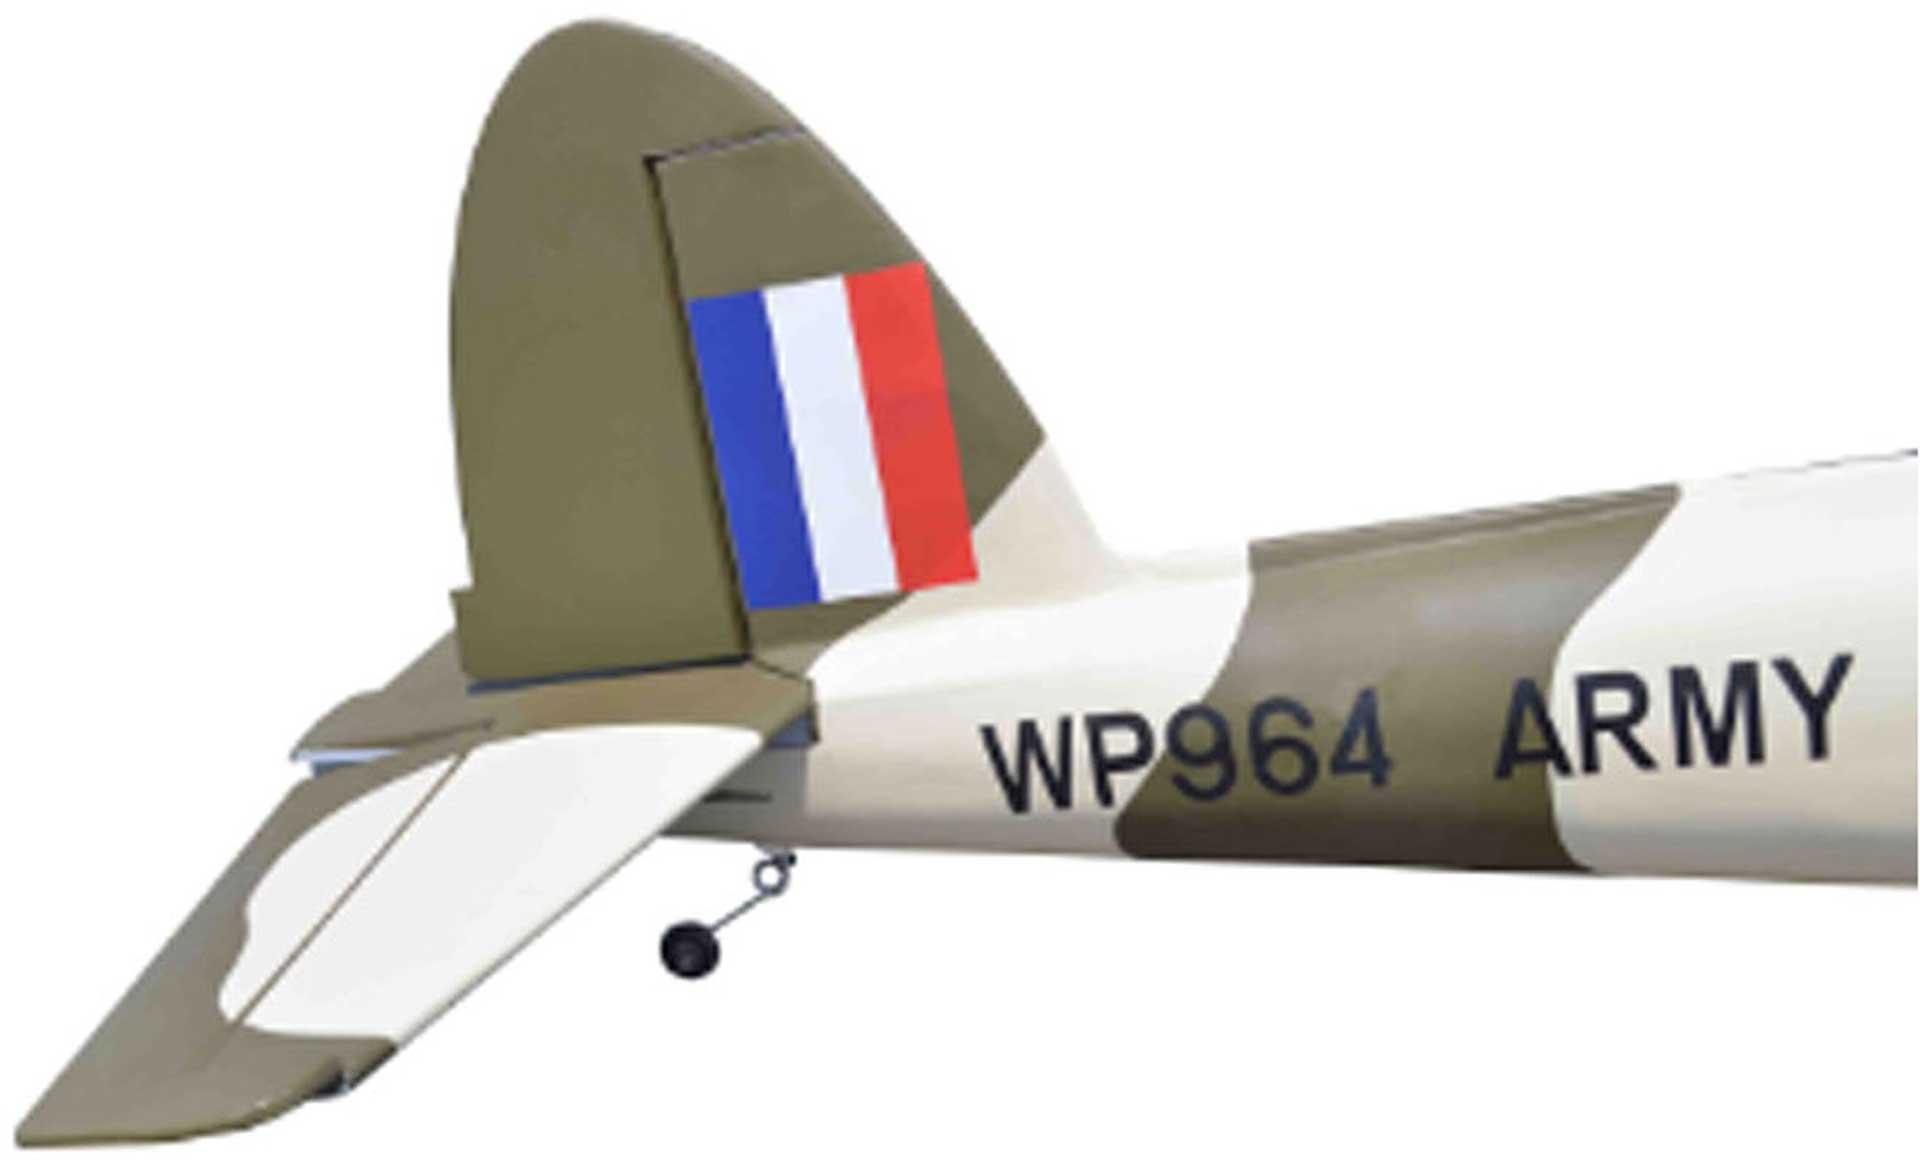 SG-MODELS DHC-1 CHIPMUNK CAMOUFLAGE 2,03M ARF FÜR VERBRENNER ODER E-ANTRIEBE